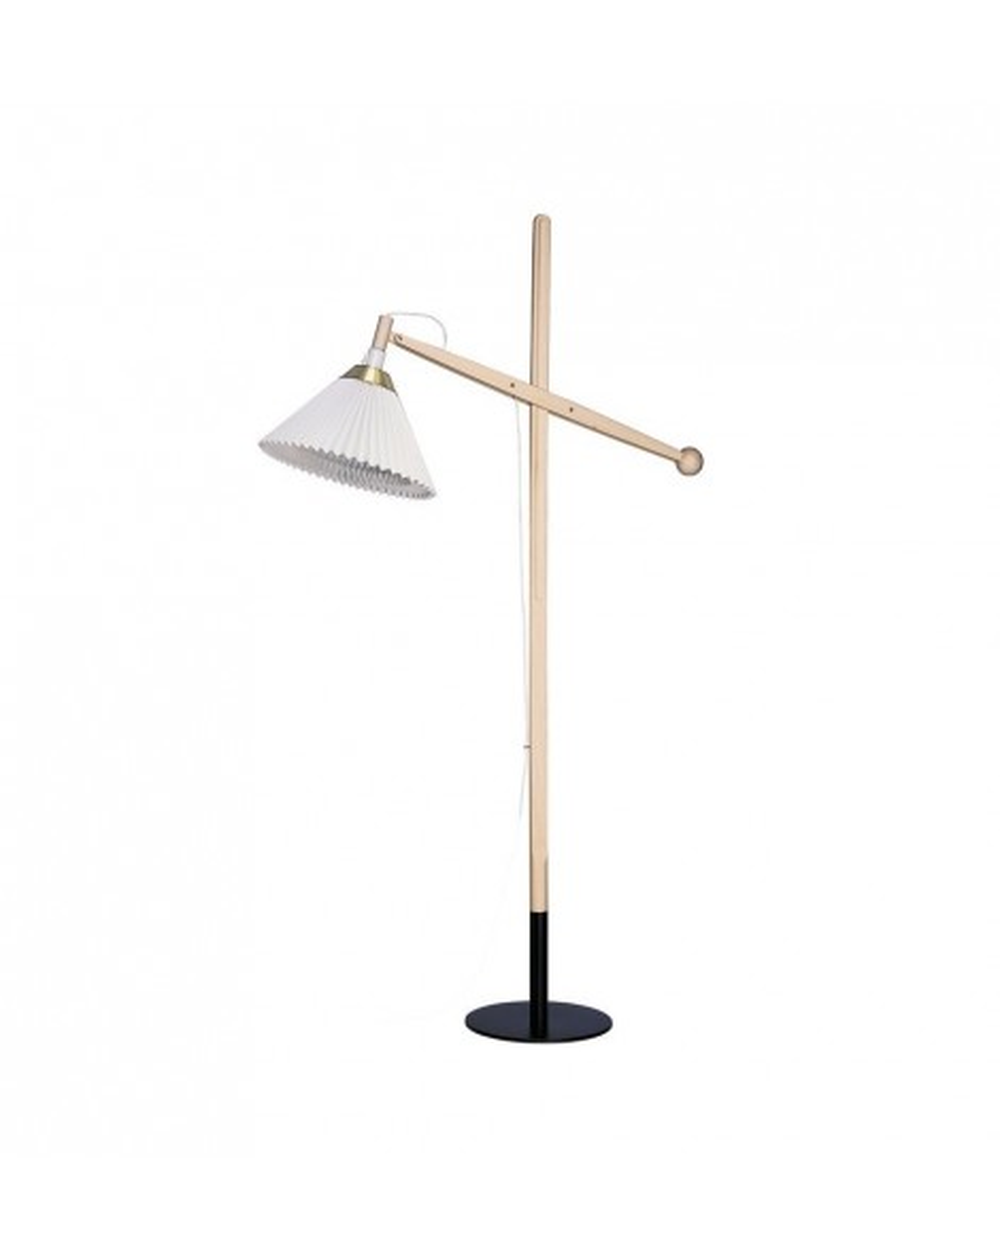 LAMPADAIRE LE KLINT 325